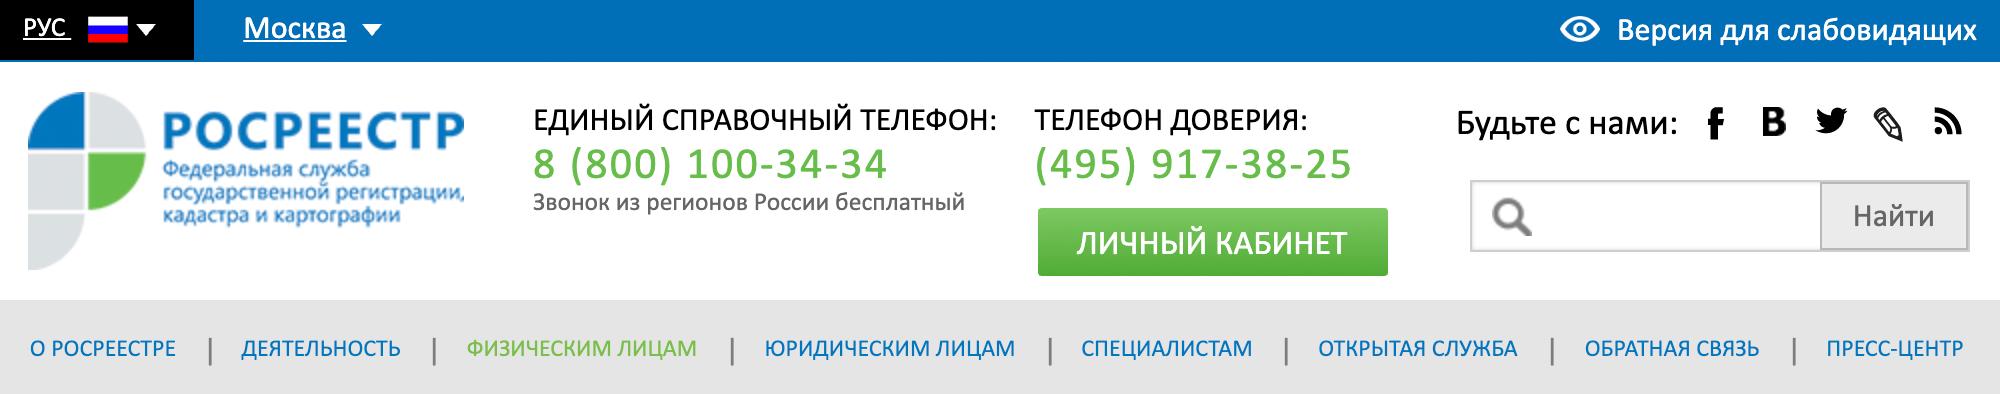 Нажмите на зеленую кнопку «Личный кабинет» и введите в открывшемся окне логин и пароль с госуслуг